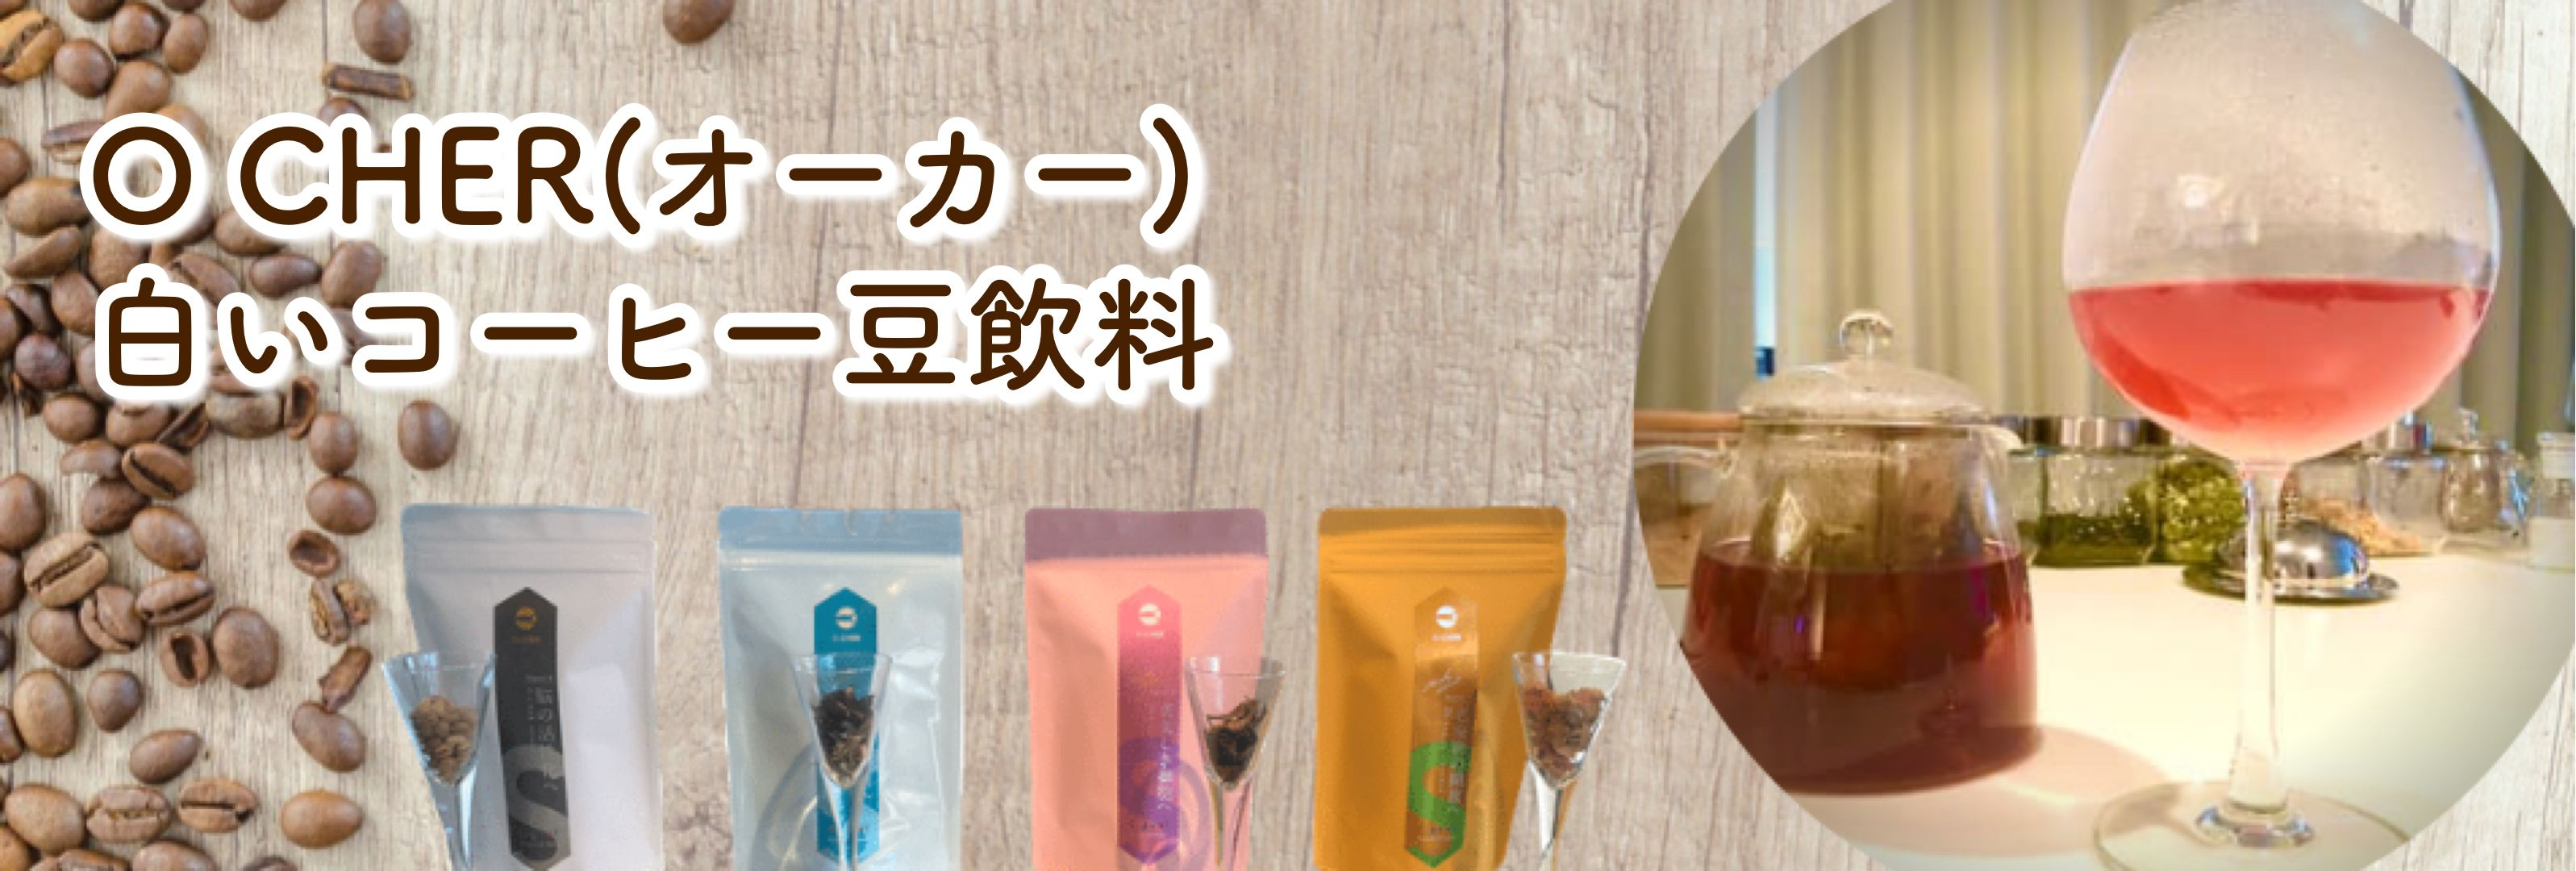 虹色happiness/にじいろハピネス